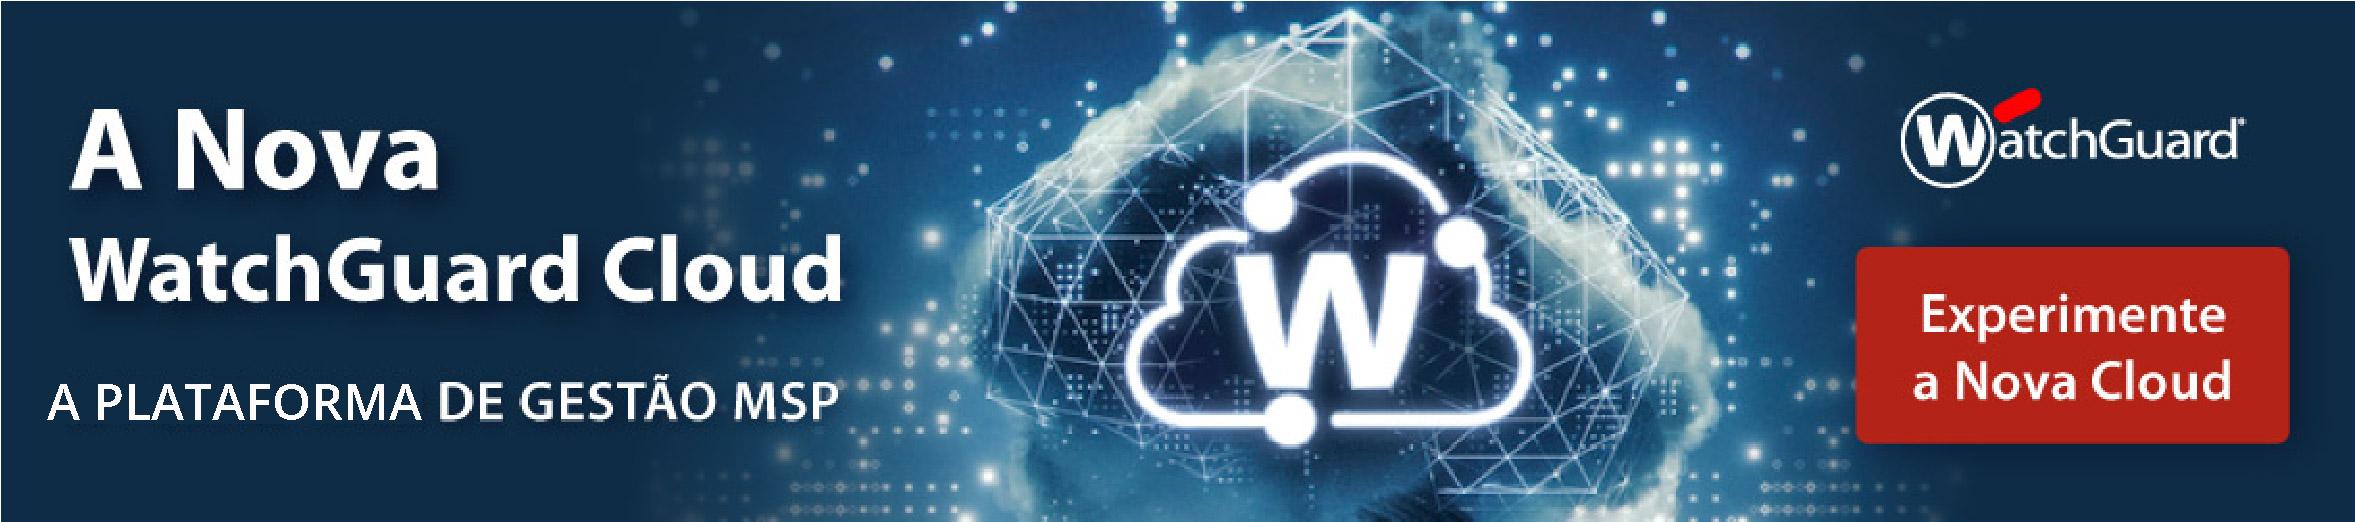 A nova WatchGuard Cloud   A plataforma de gestão MSP